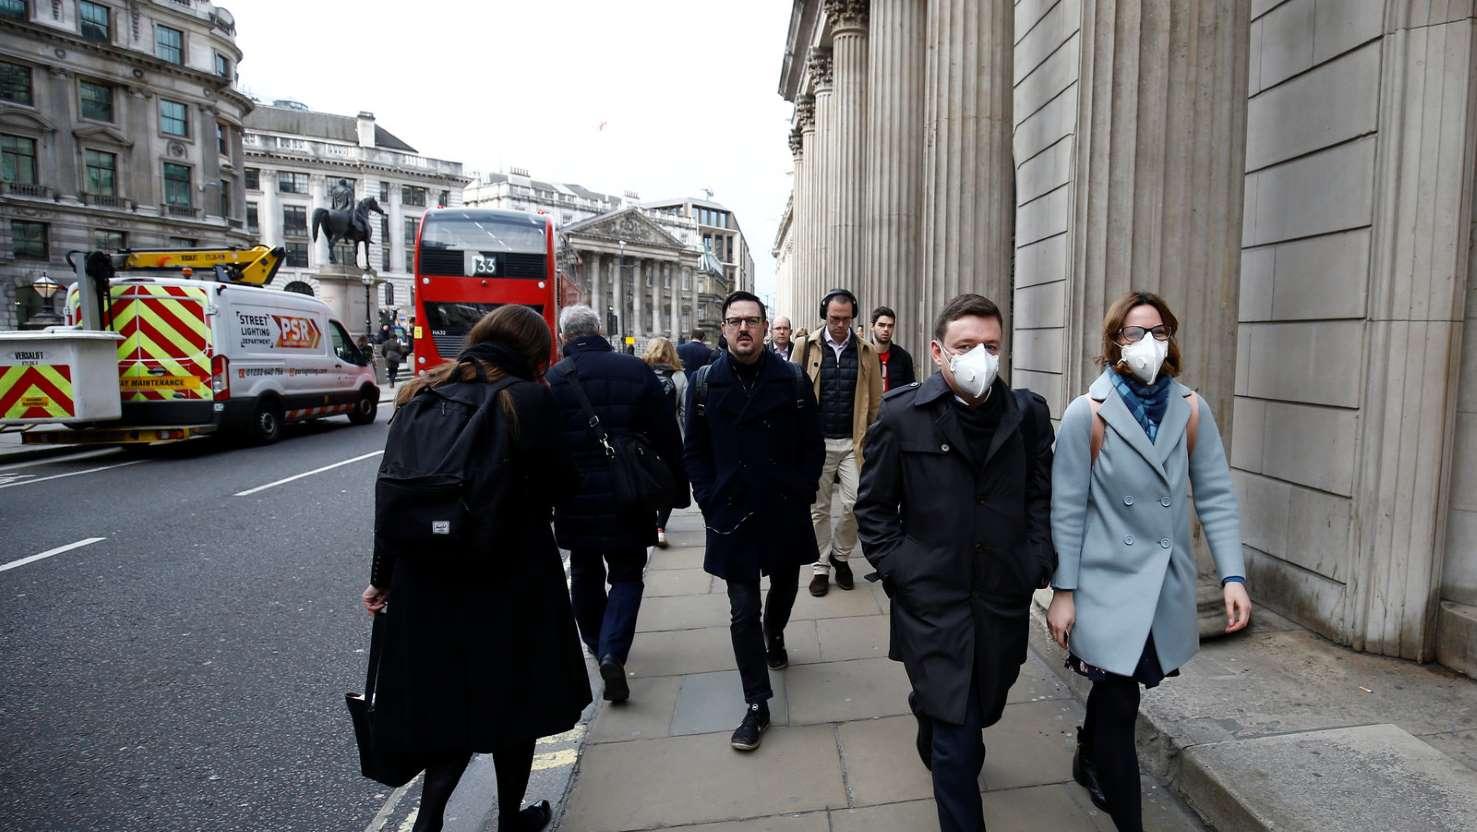 Пандемия коронавируса в Великобритании закончилась, говорят эксперты